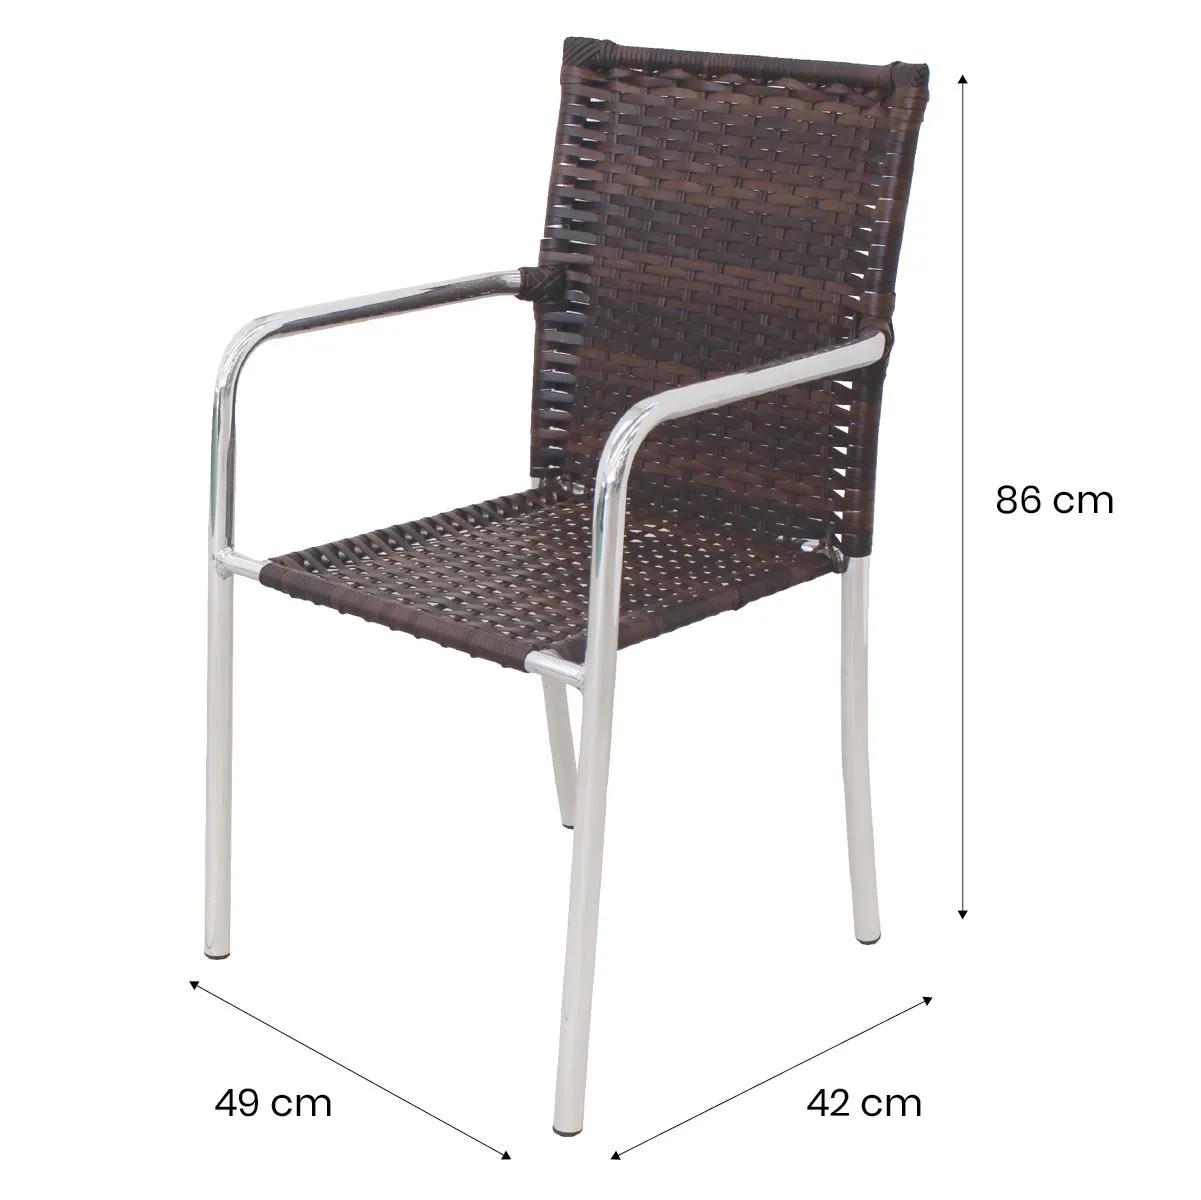 CR03 - Cadeira em Alumínio e Fibra Sintética 10mm